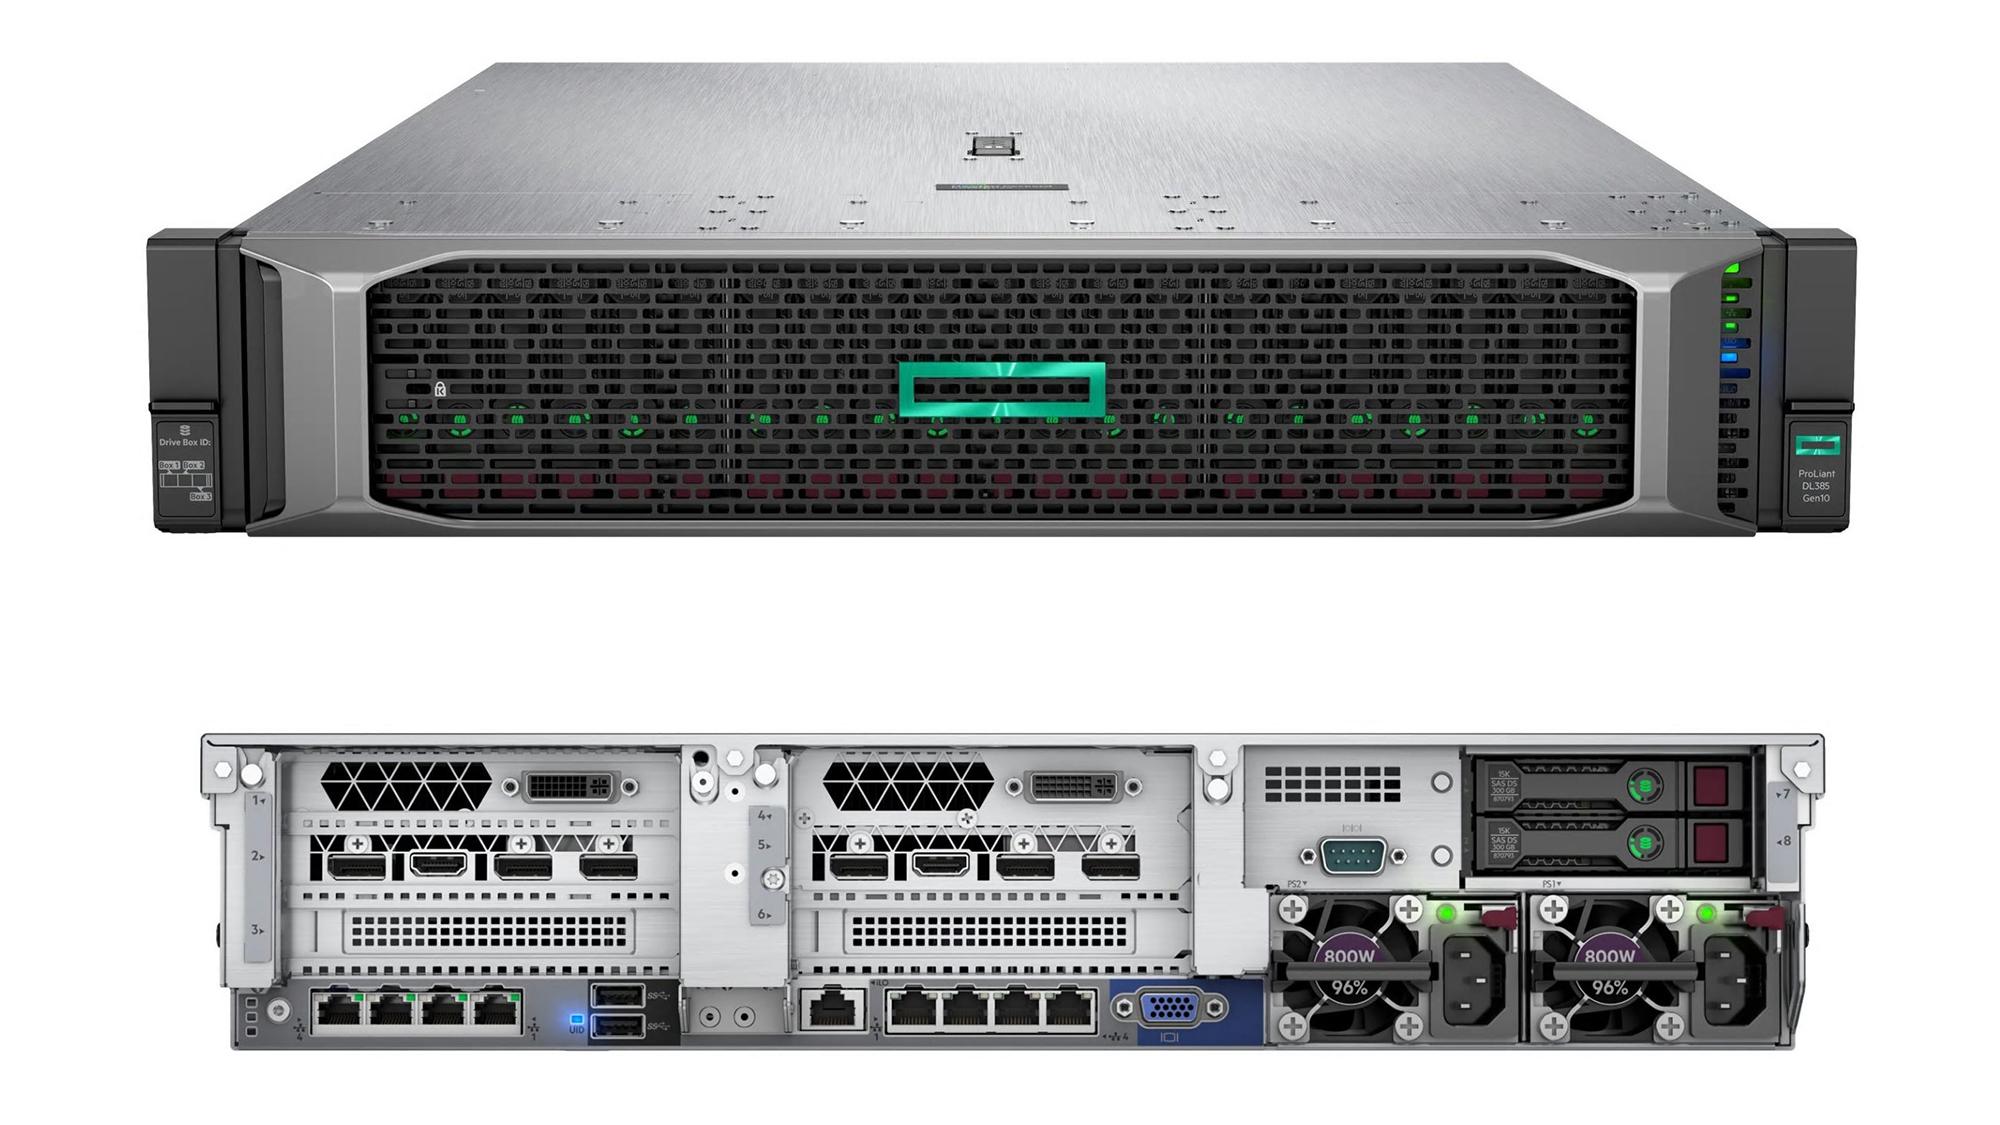 بررسی تخصصی سرورهای HPE DL385 GEN10